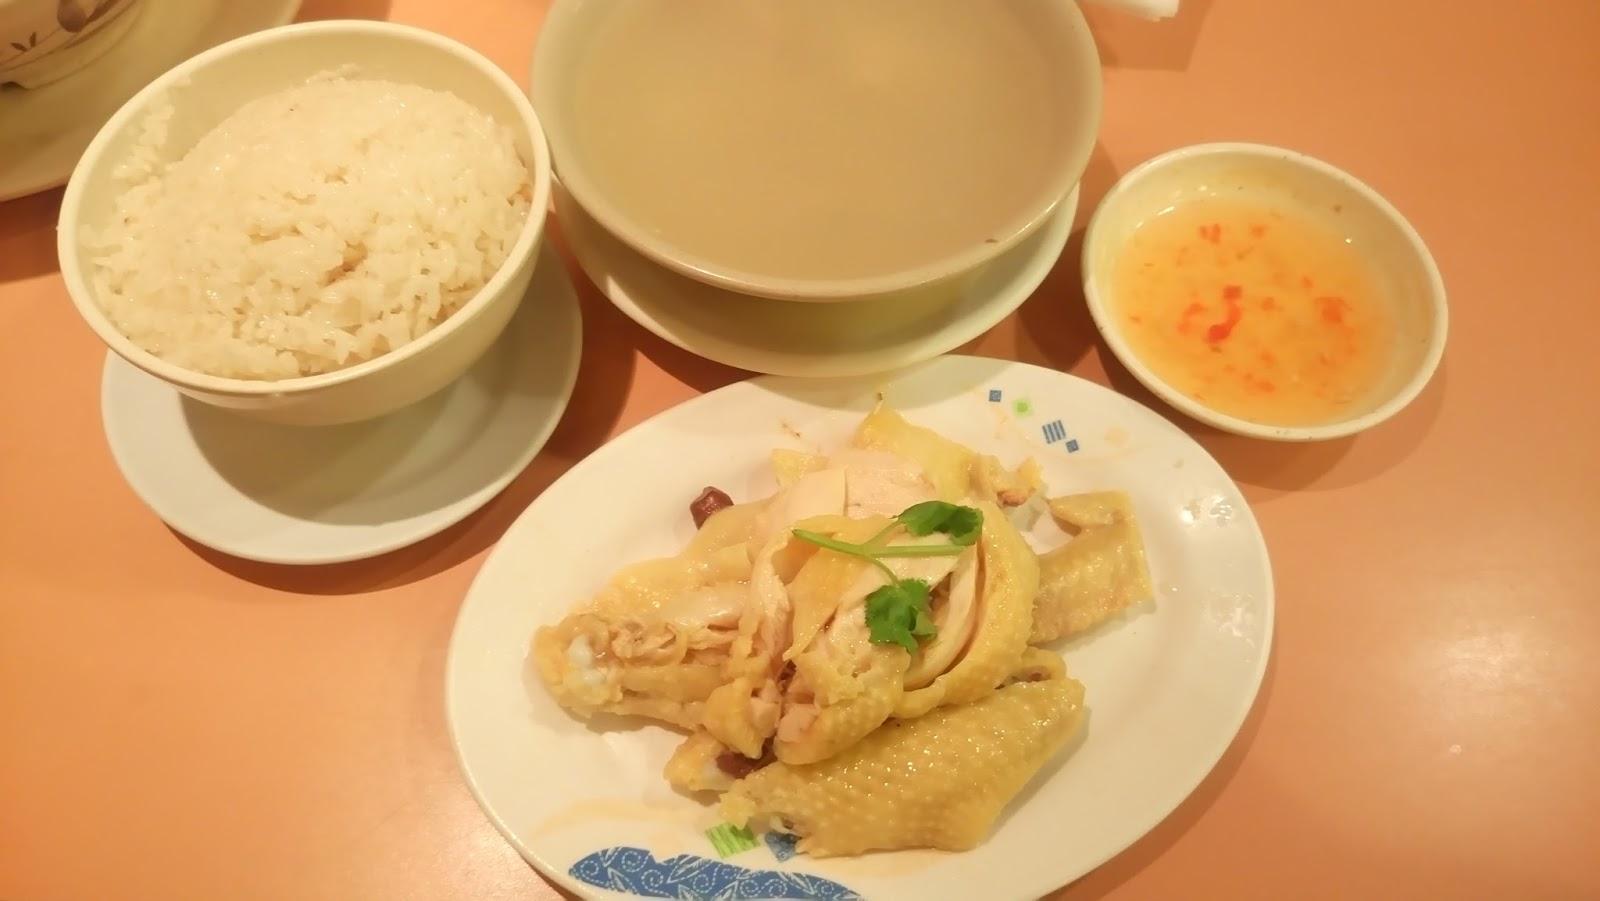 香港魂: 海南鶏飯のメッカ馬華餐廳